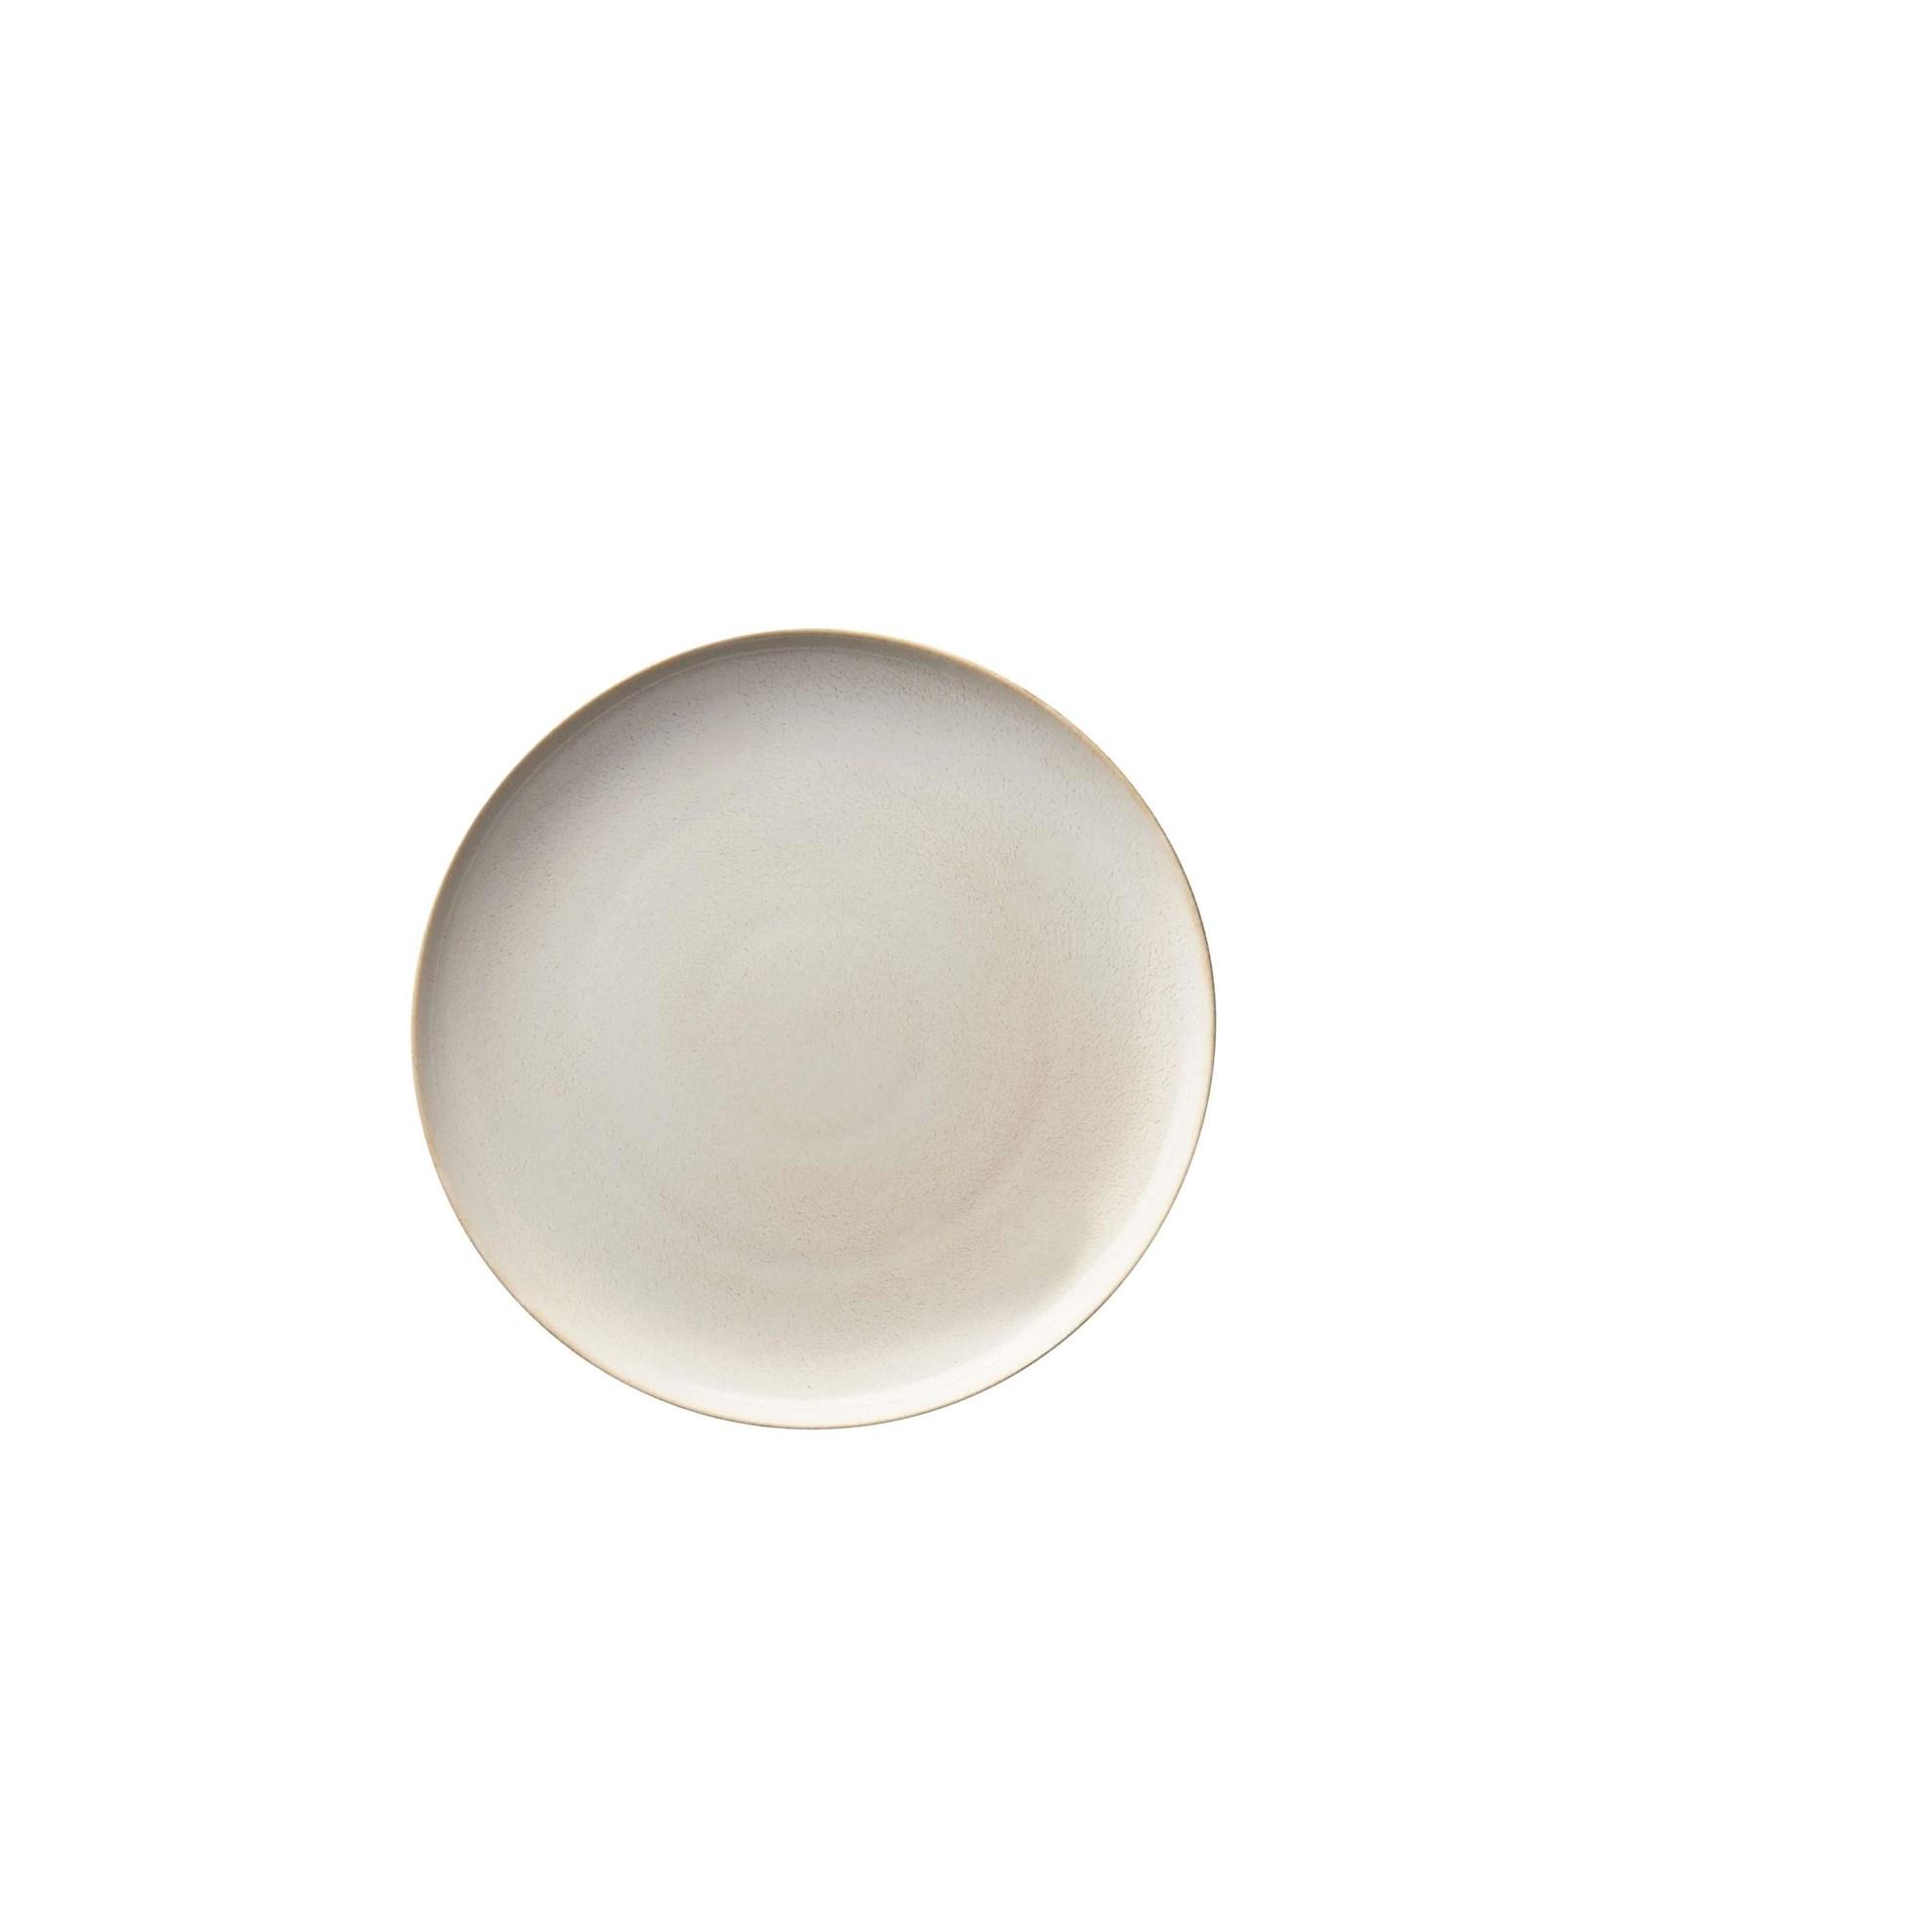 Dezertní talíř SAISONS 21 cm pískový_0